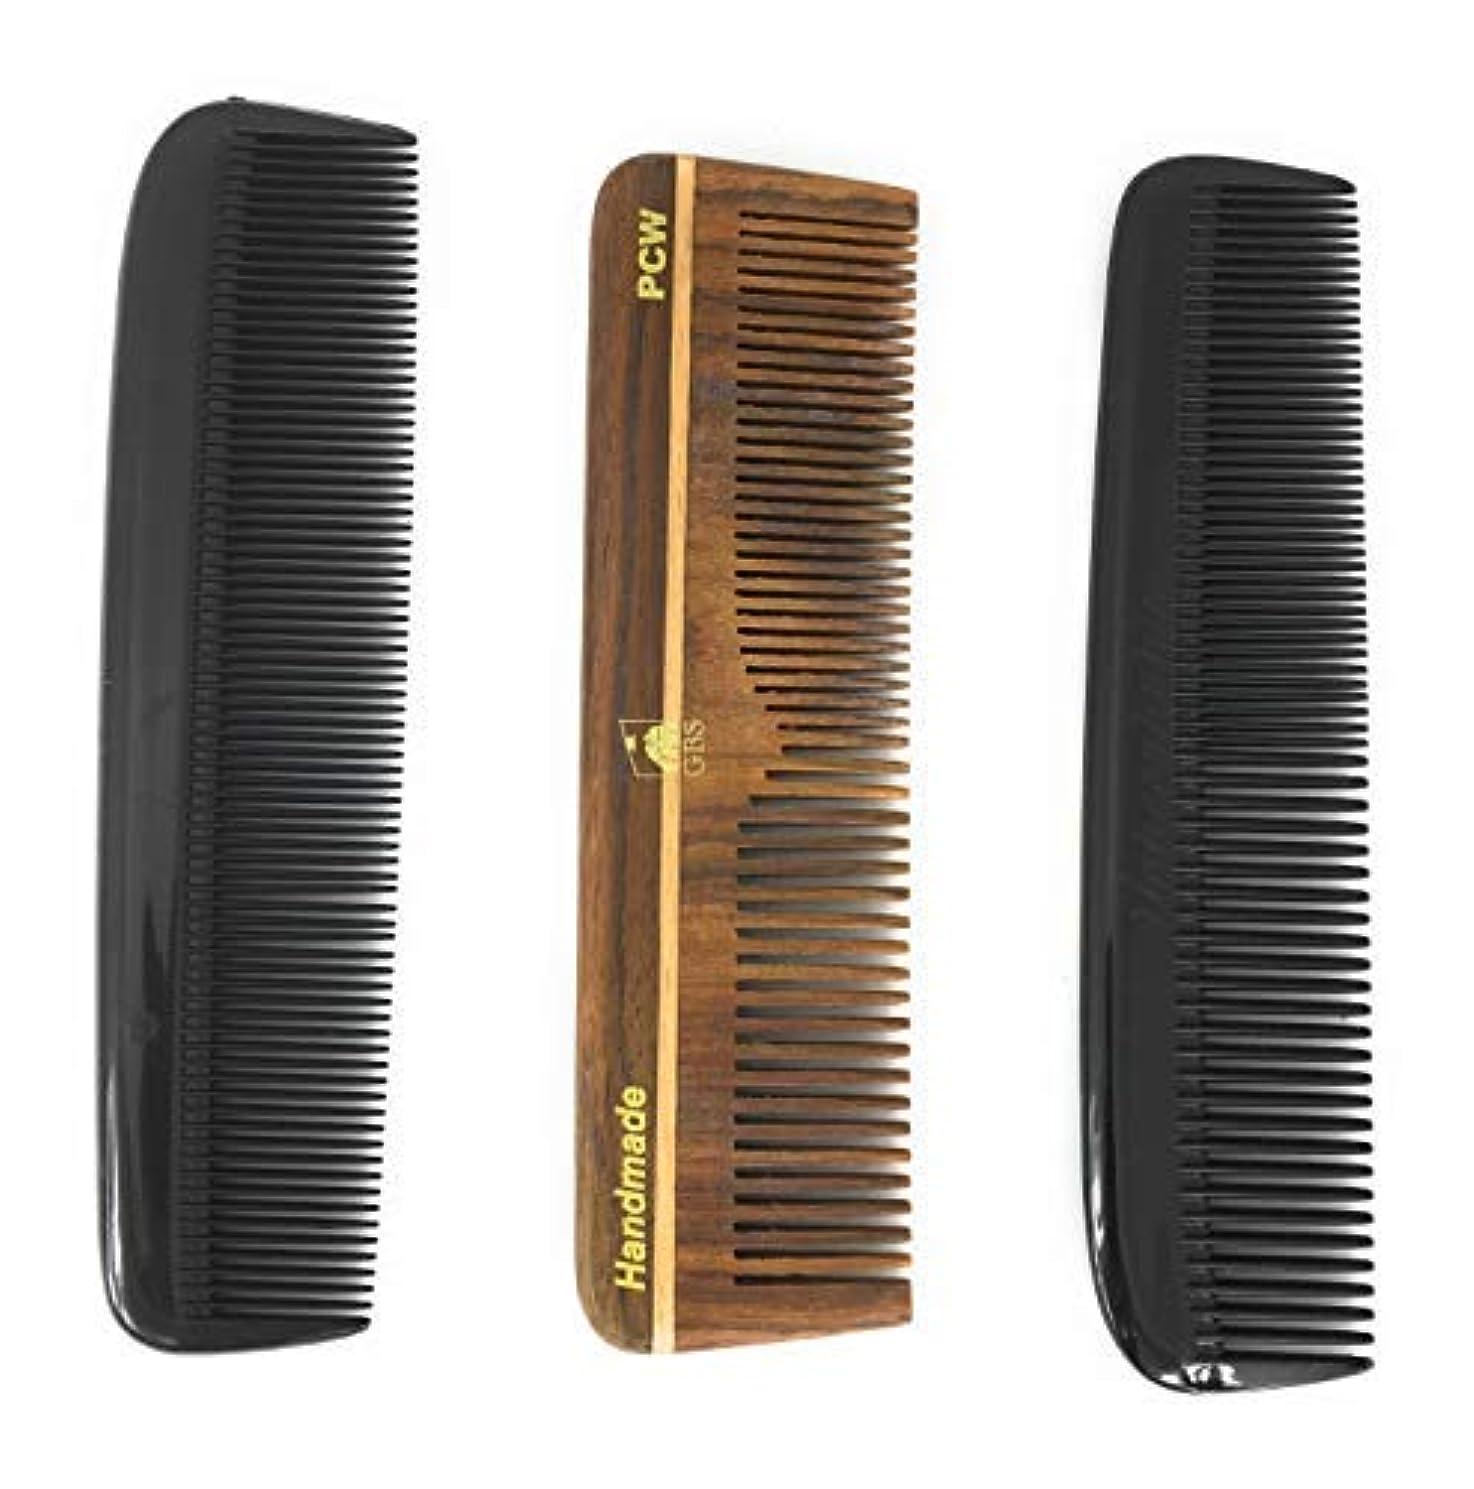 立派な時代遅れ十分なGBS Hair Comb Variety 3 pack - 5